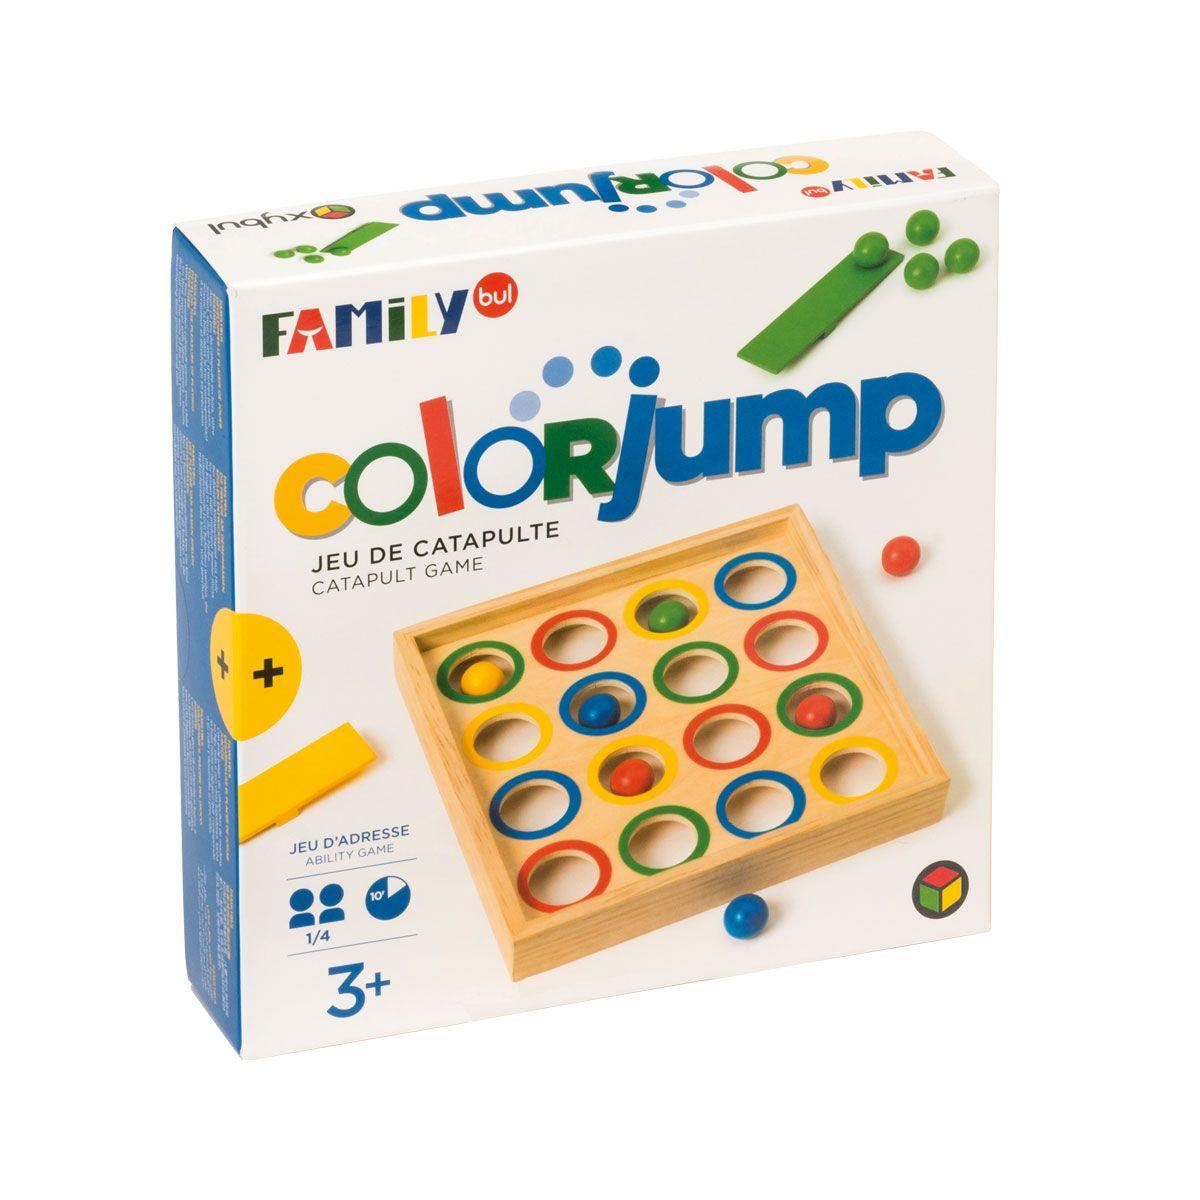 Jeu De Société Colorjump Familybul Création Oxybul | Jeux De concernant Jeux Pour Enfant De 6 Ans